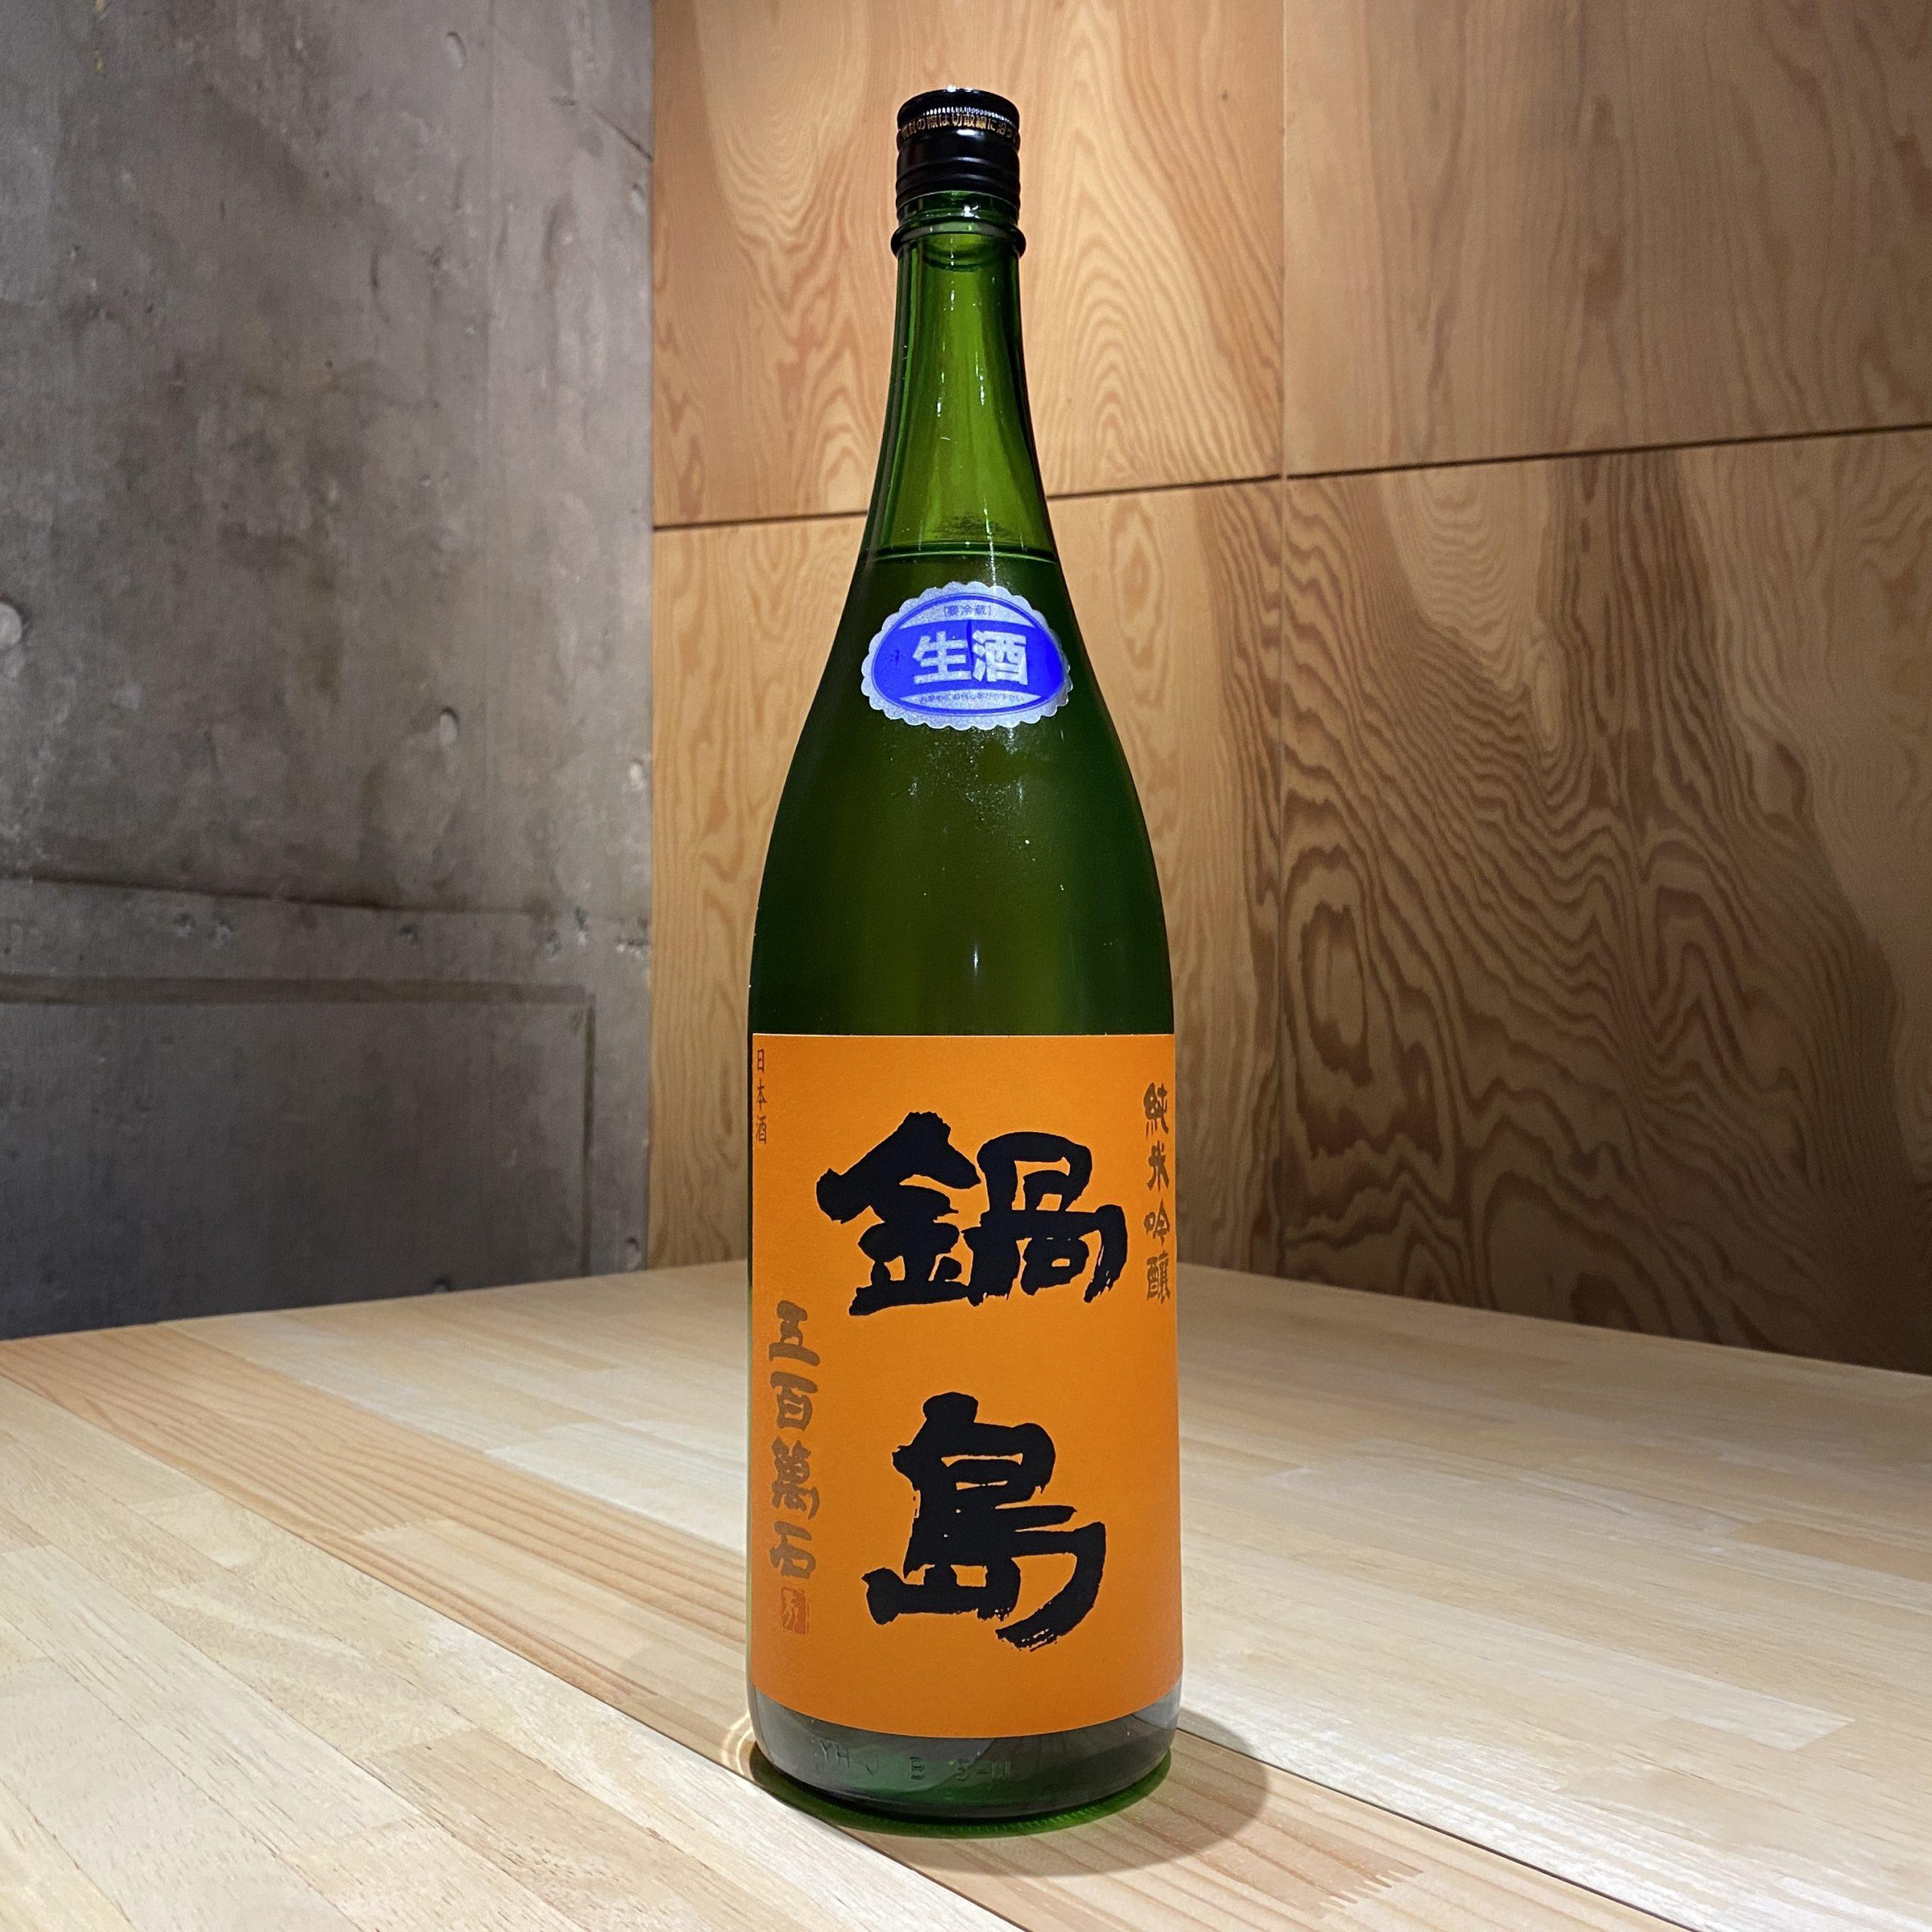 鍋島・オレンジ